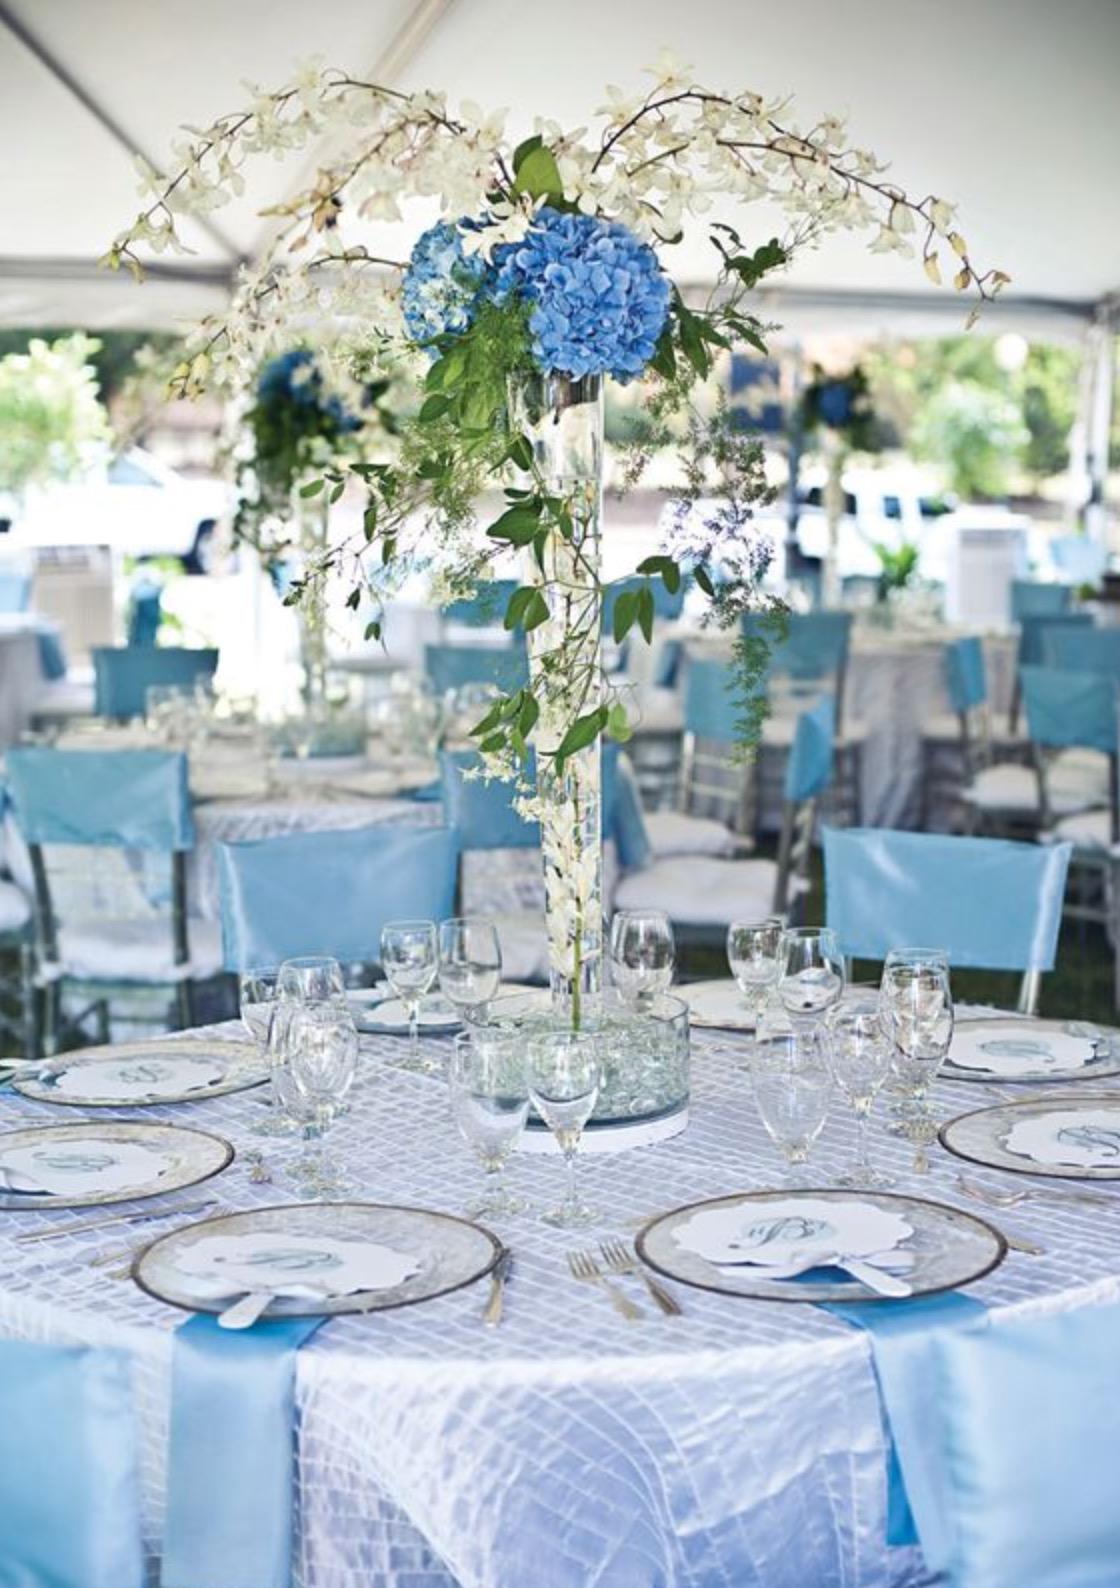 Dekorasi Pesta Pernikahan Berwarna Biru